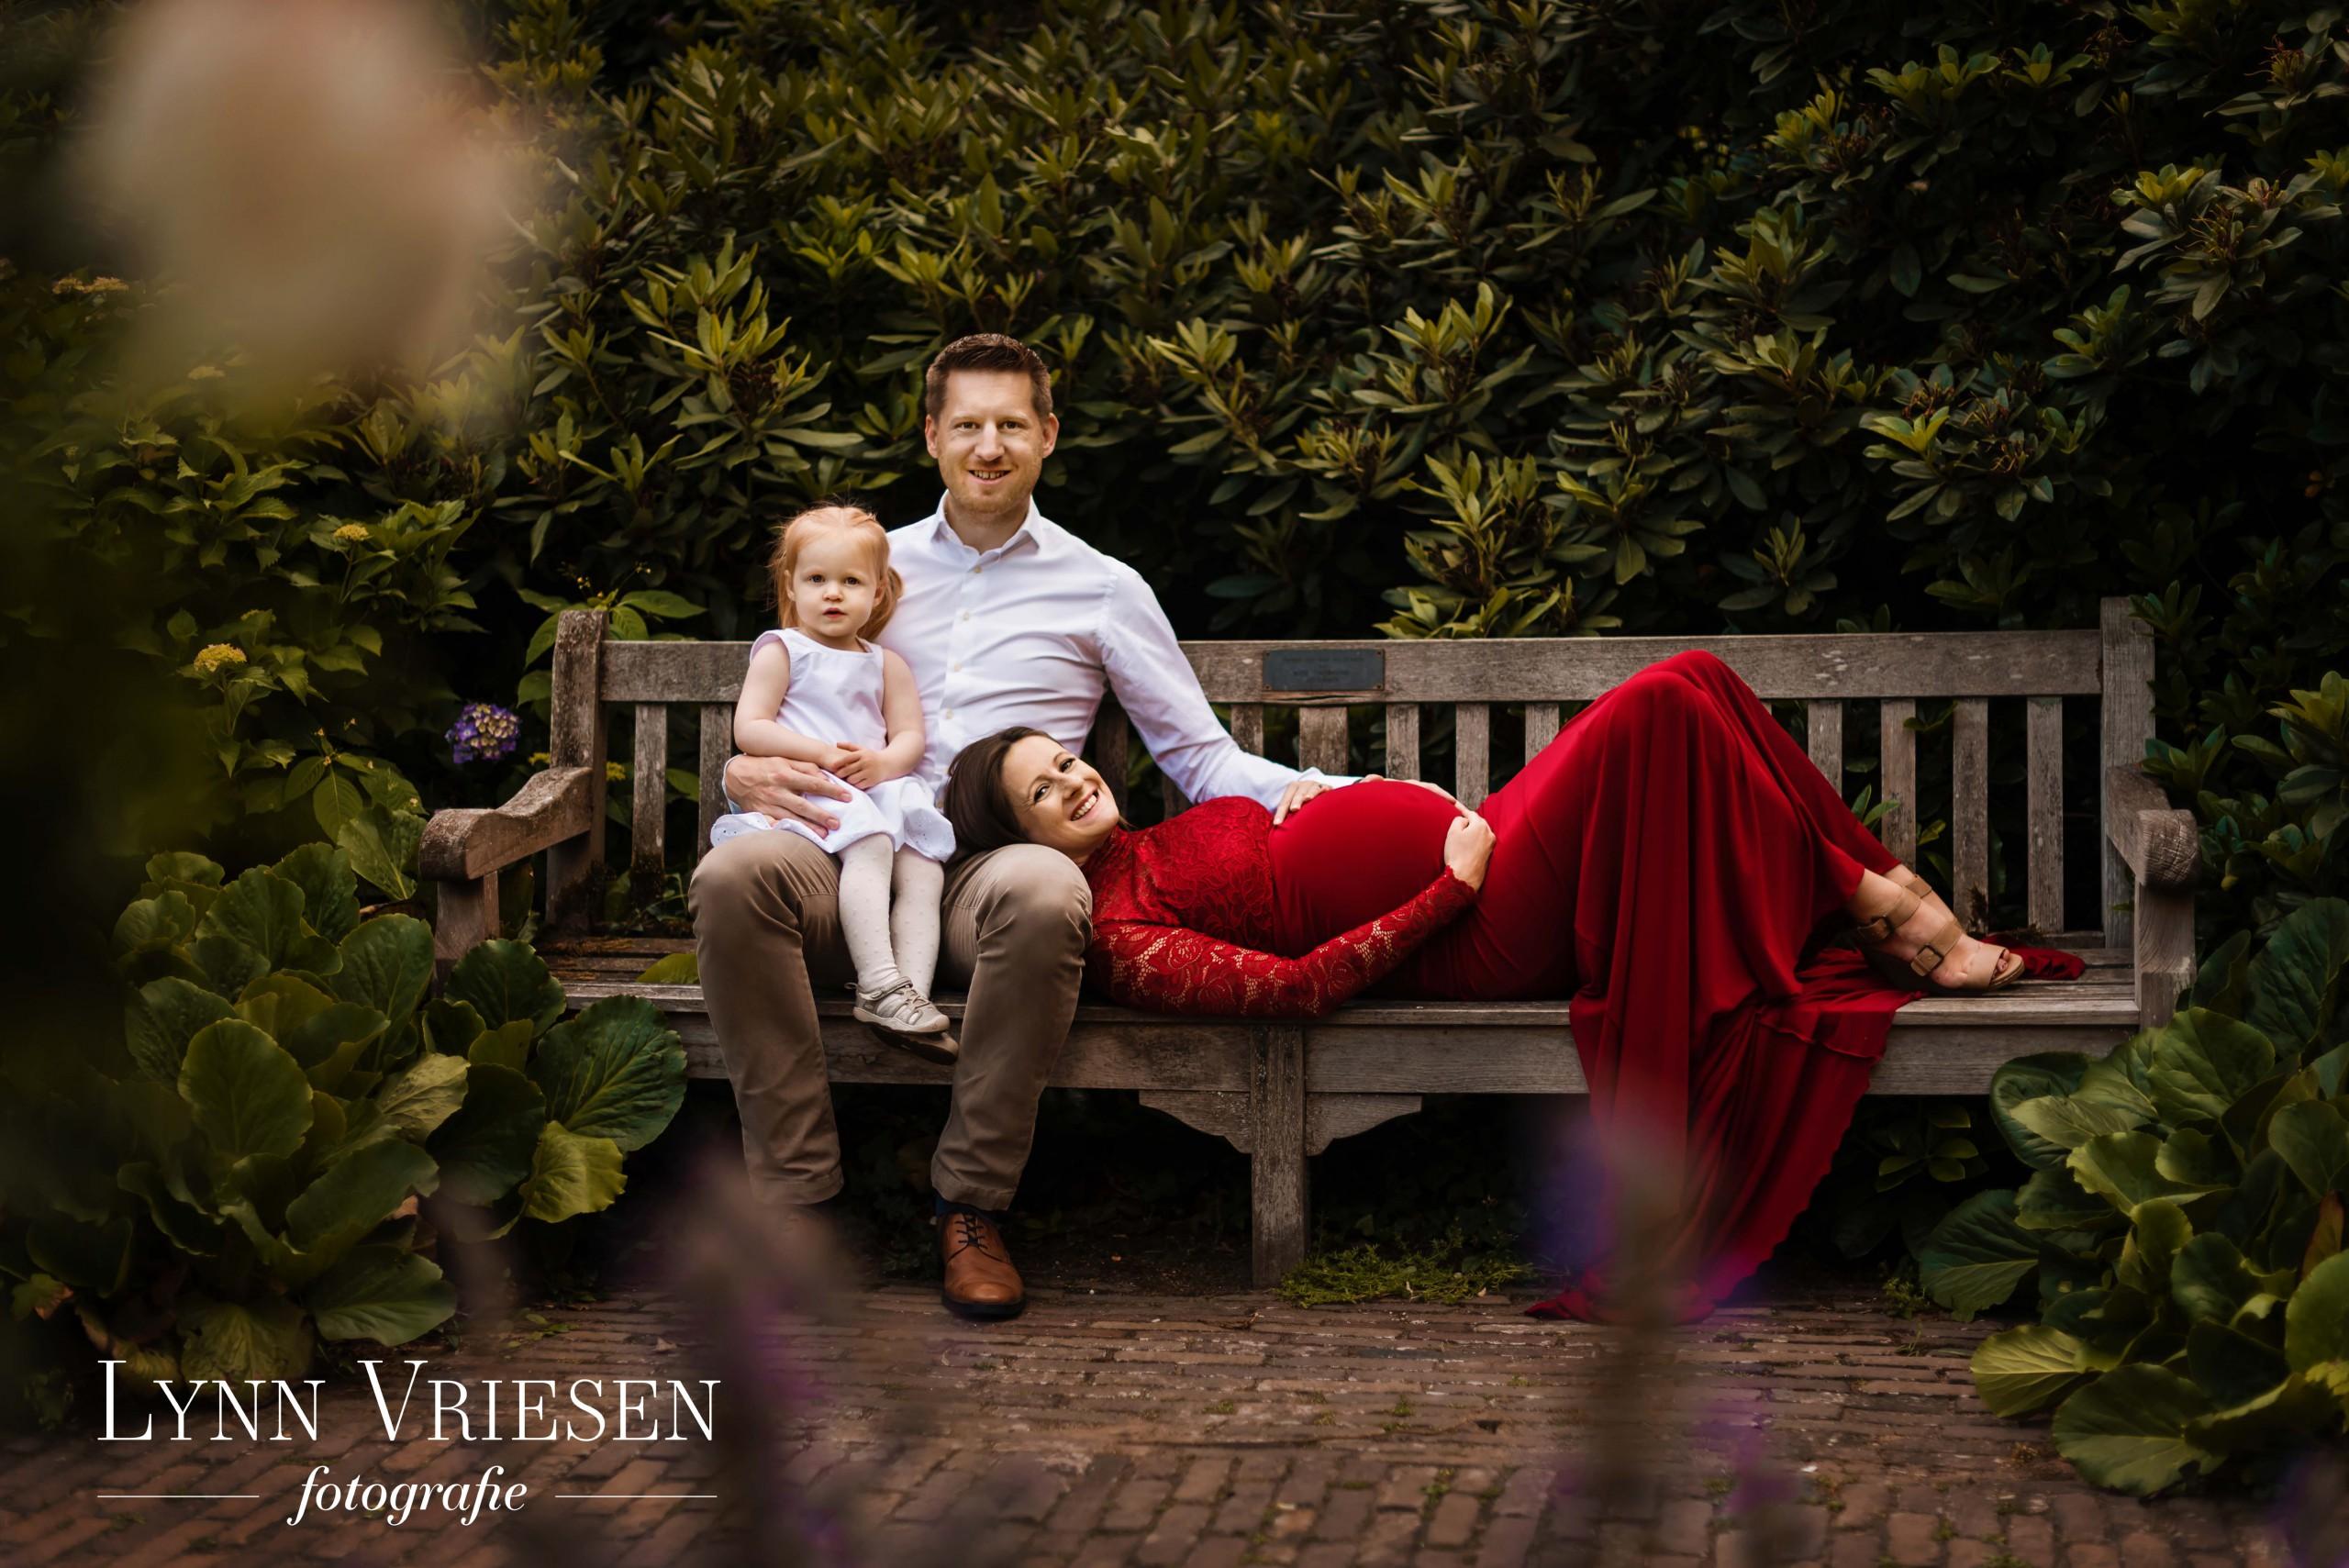 Ik ben een gespecialiseerd zwanger fotograaf voor het hele gezin